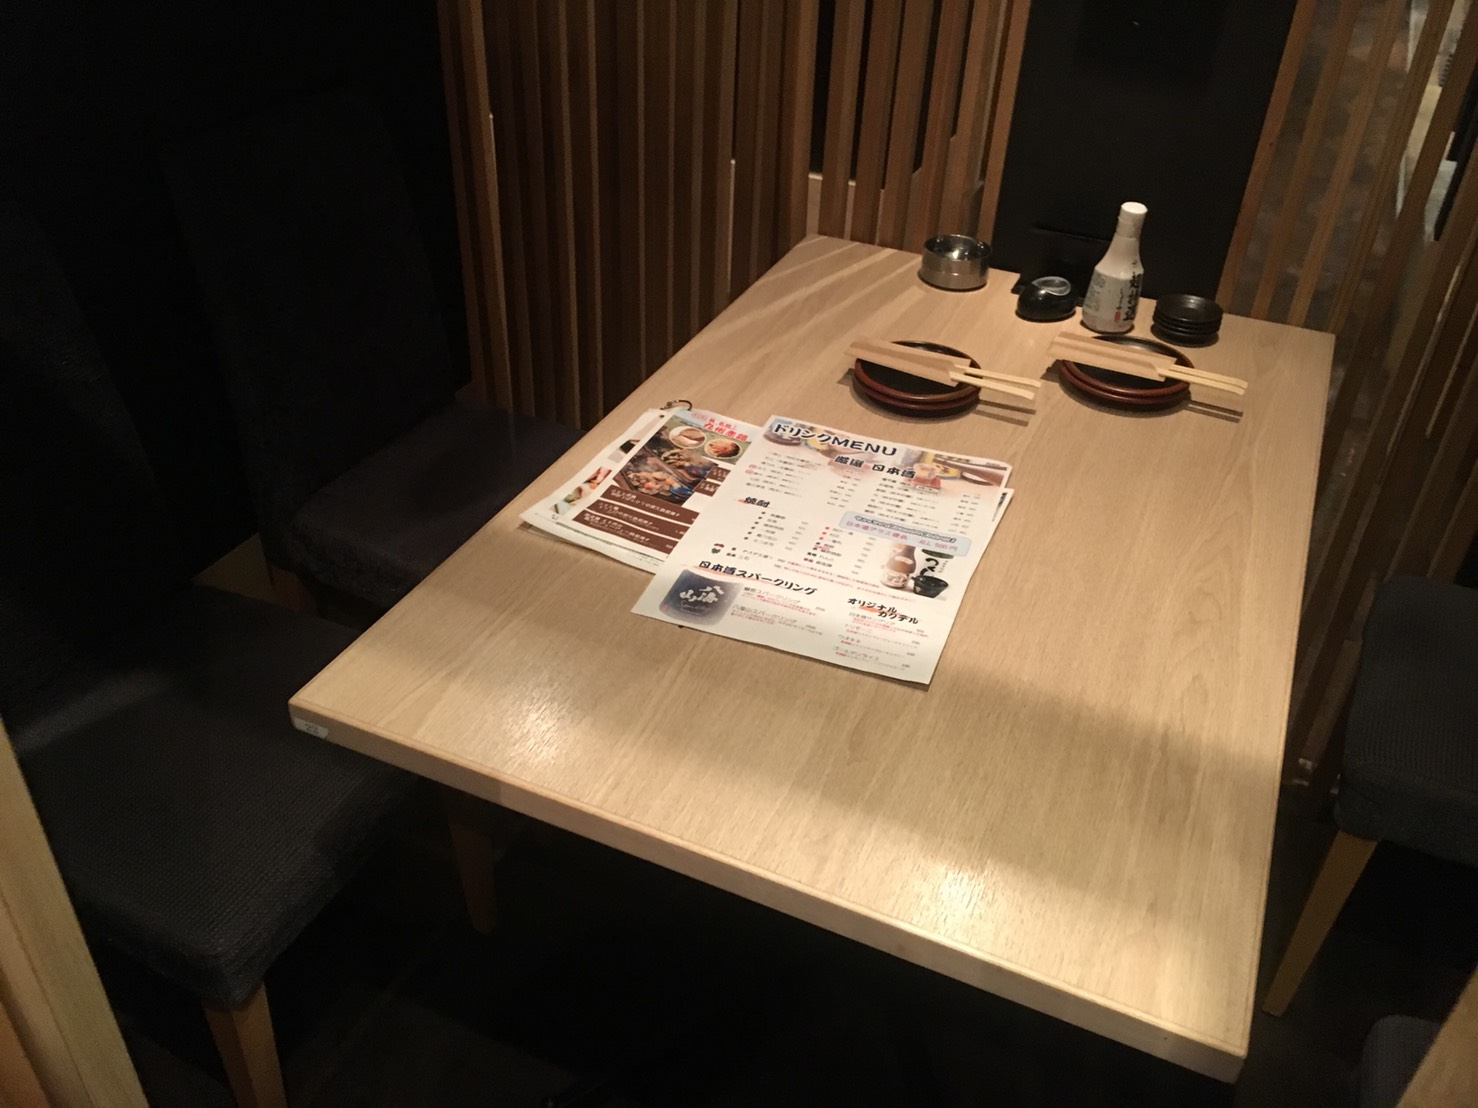 【池袋駅】落ち着いた少人数個室が使いやすい!九州料理もクオリティ高めの「TORI魚 池袋本店」の個室2